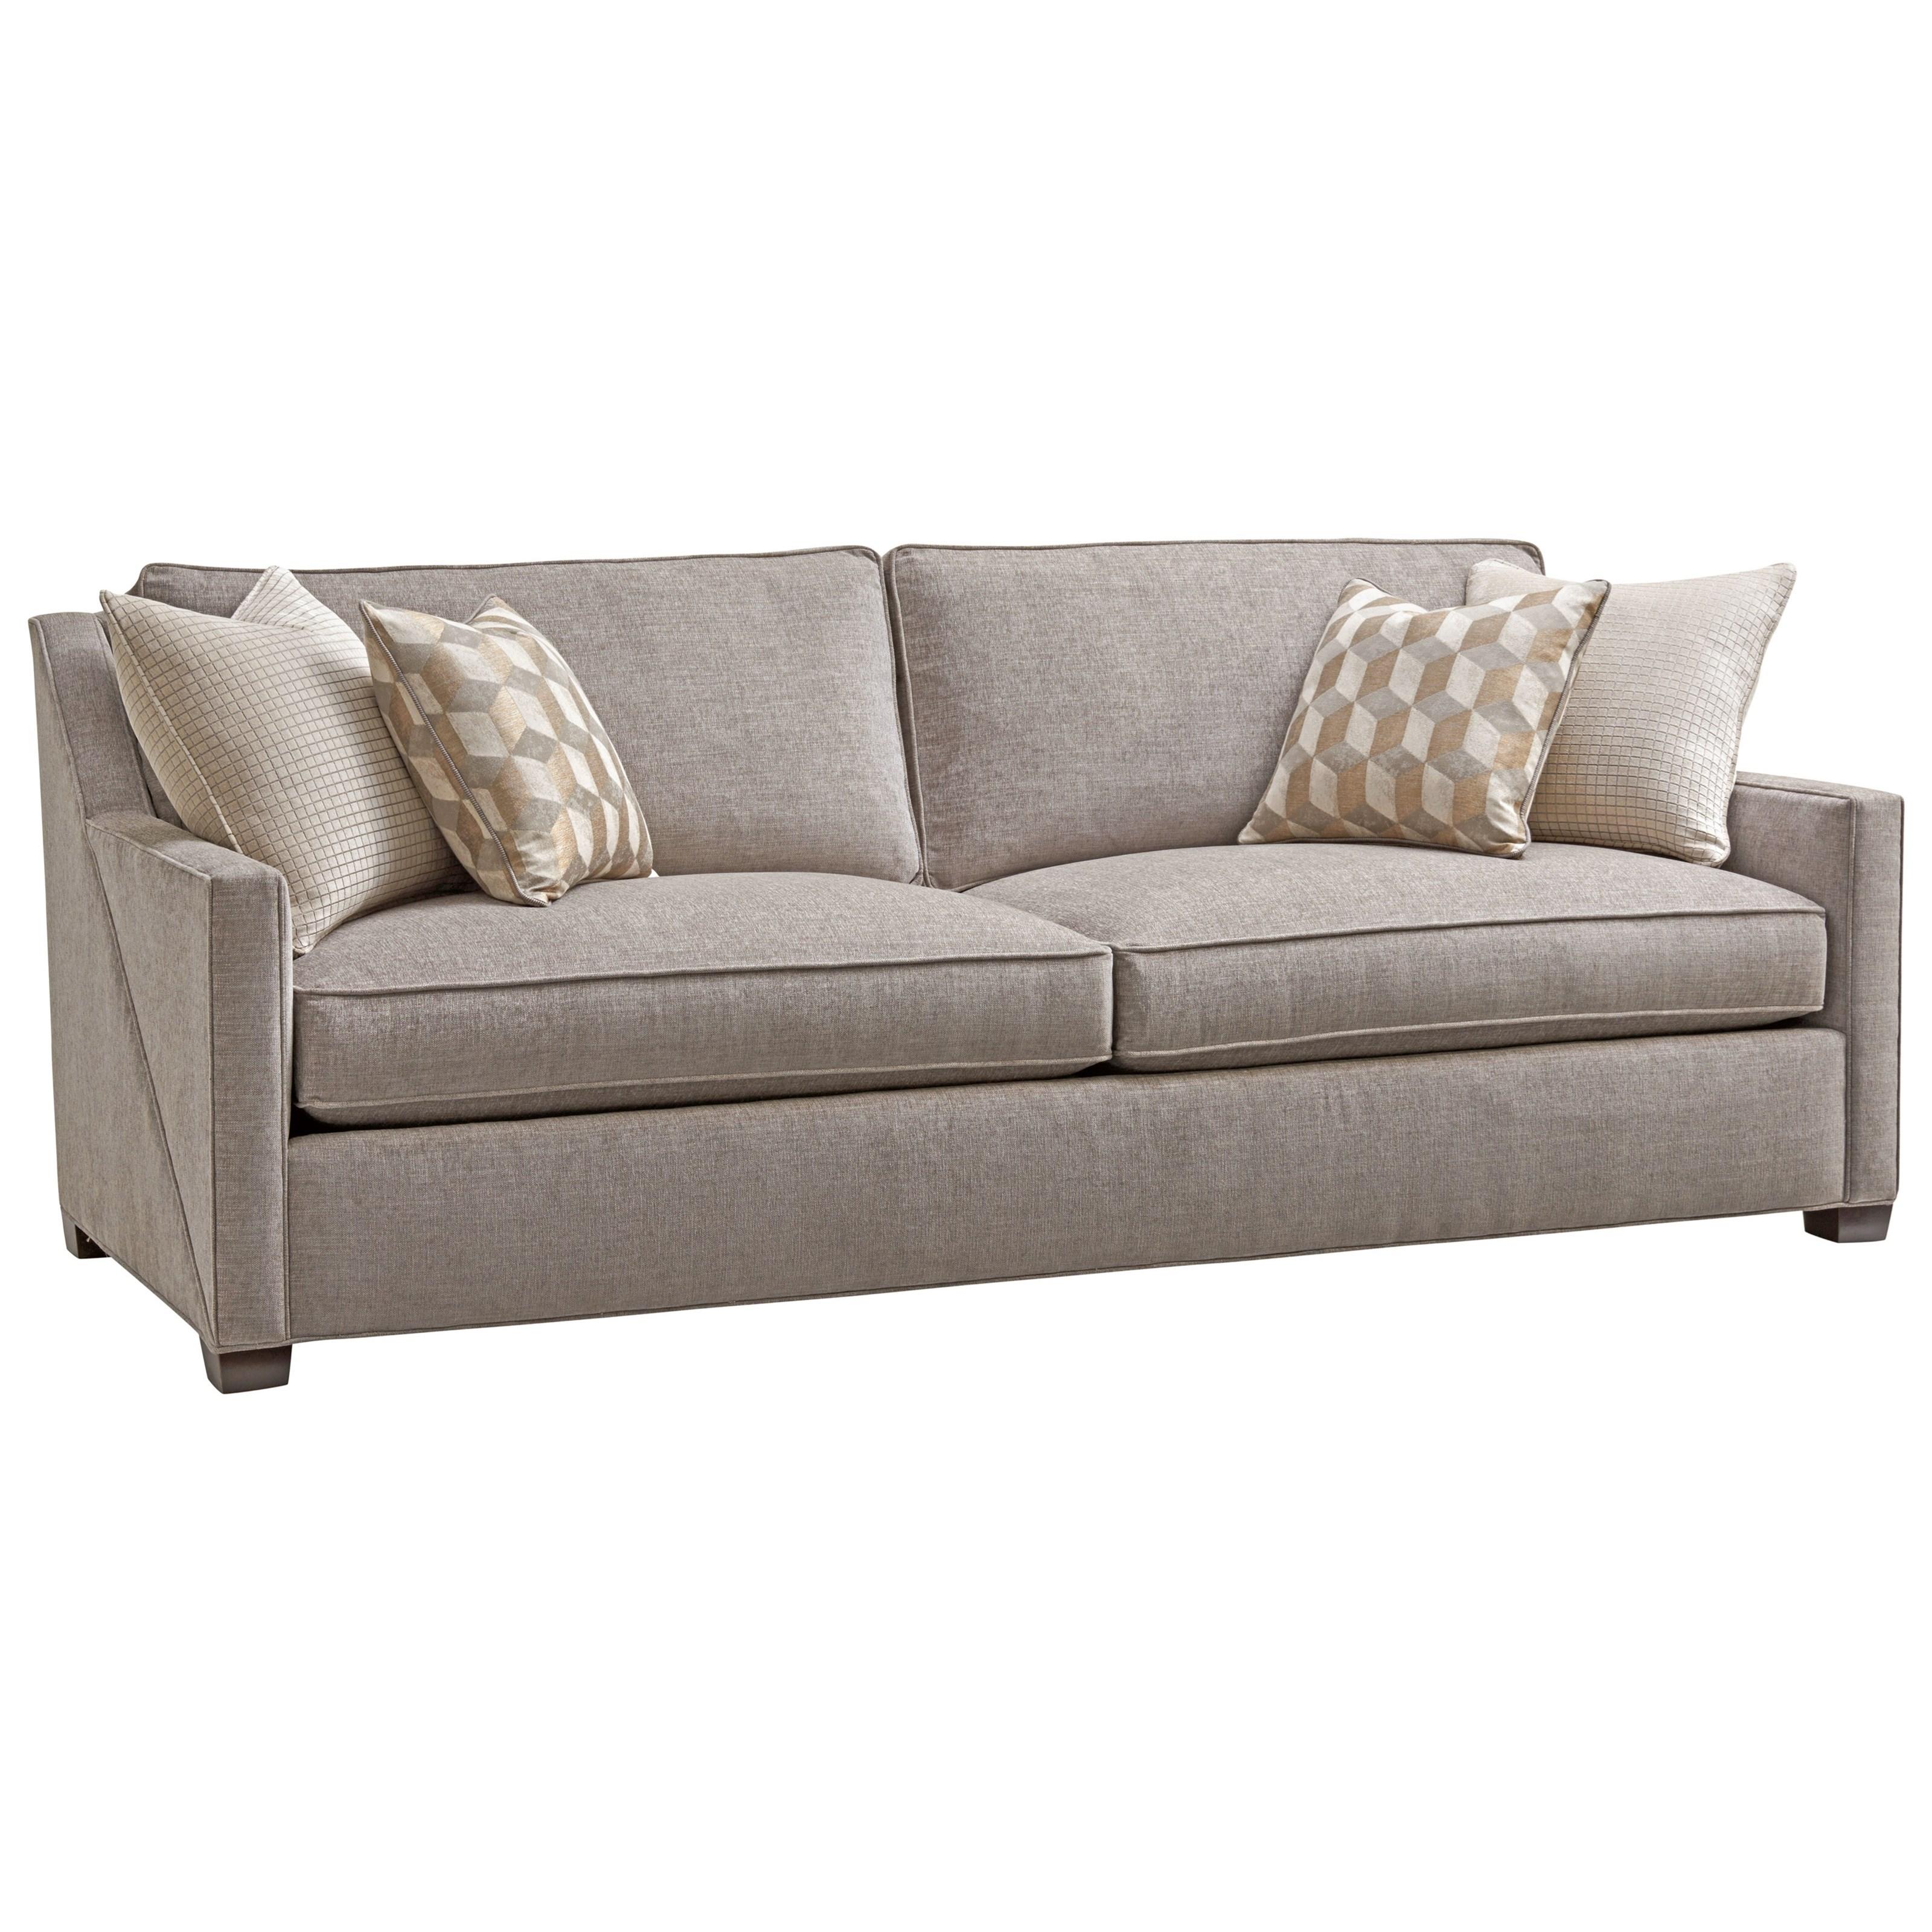 Zavala Wright Sofa by Lexington at Johnny Janosik